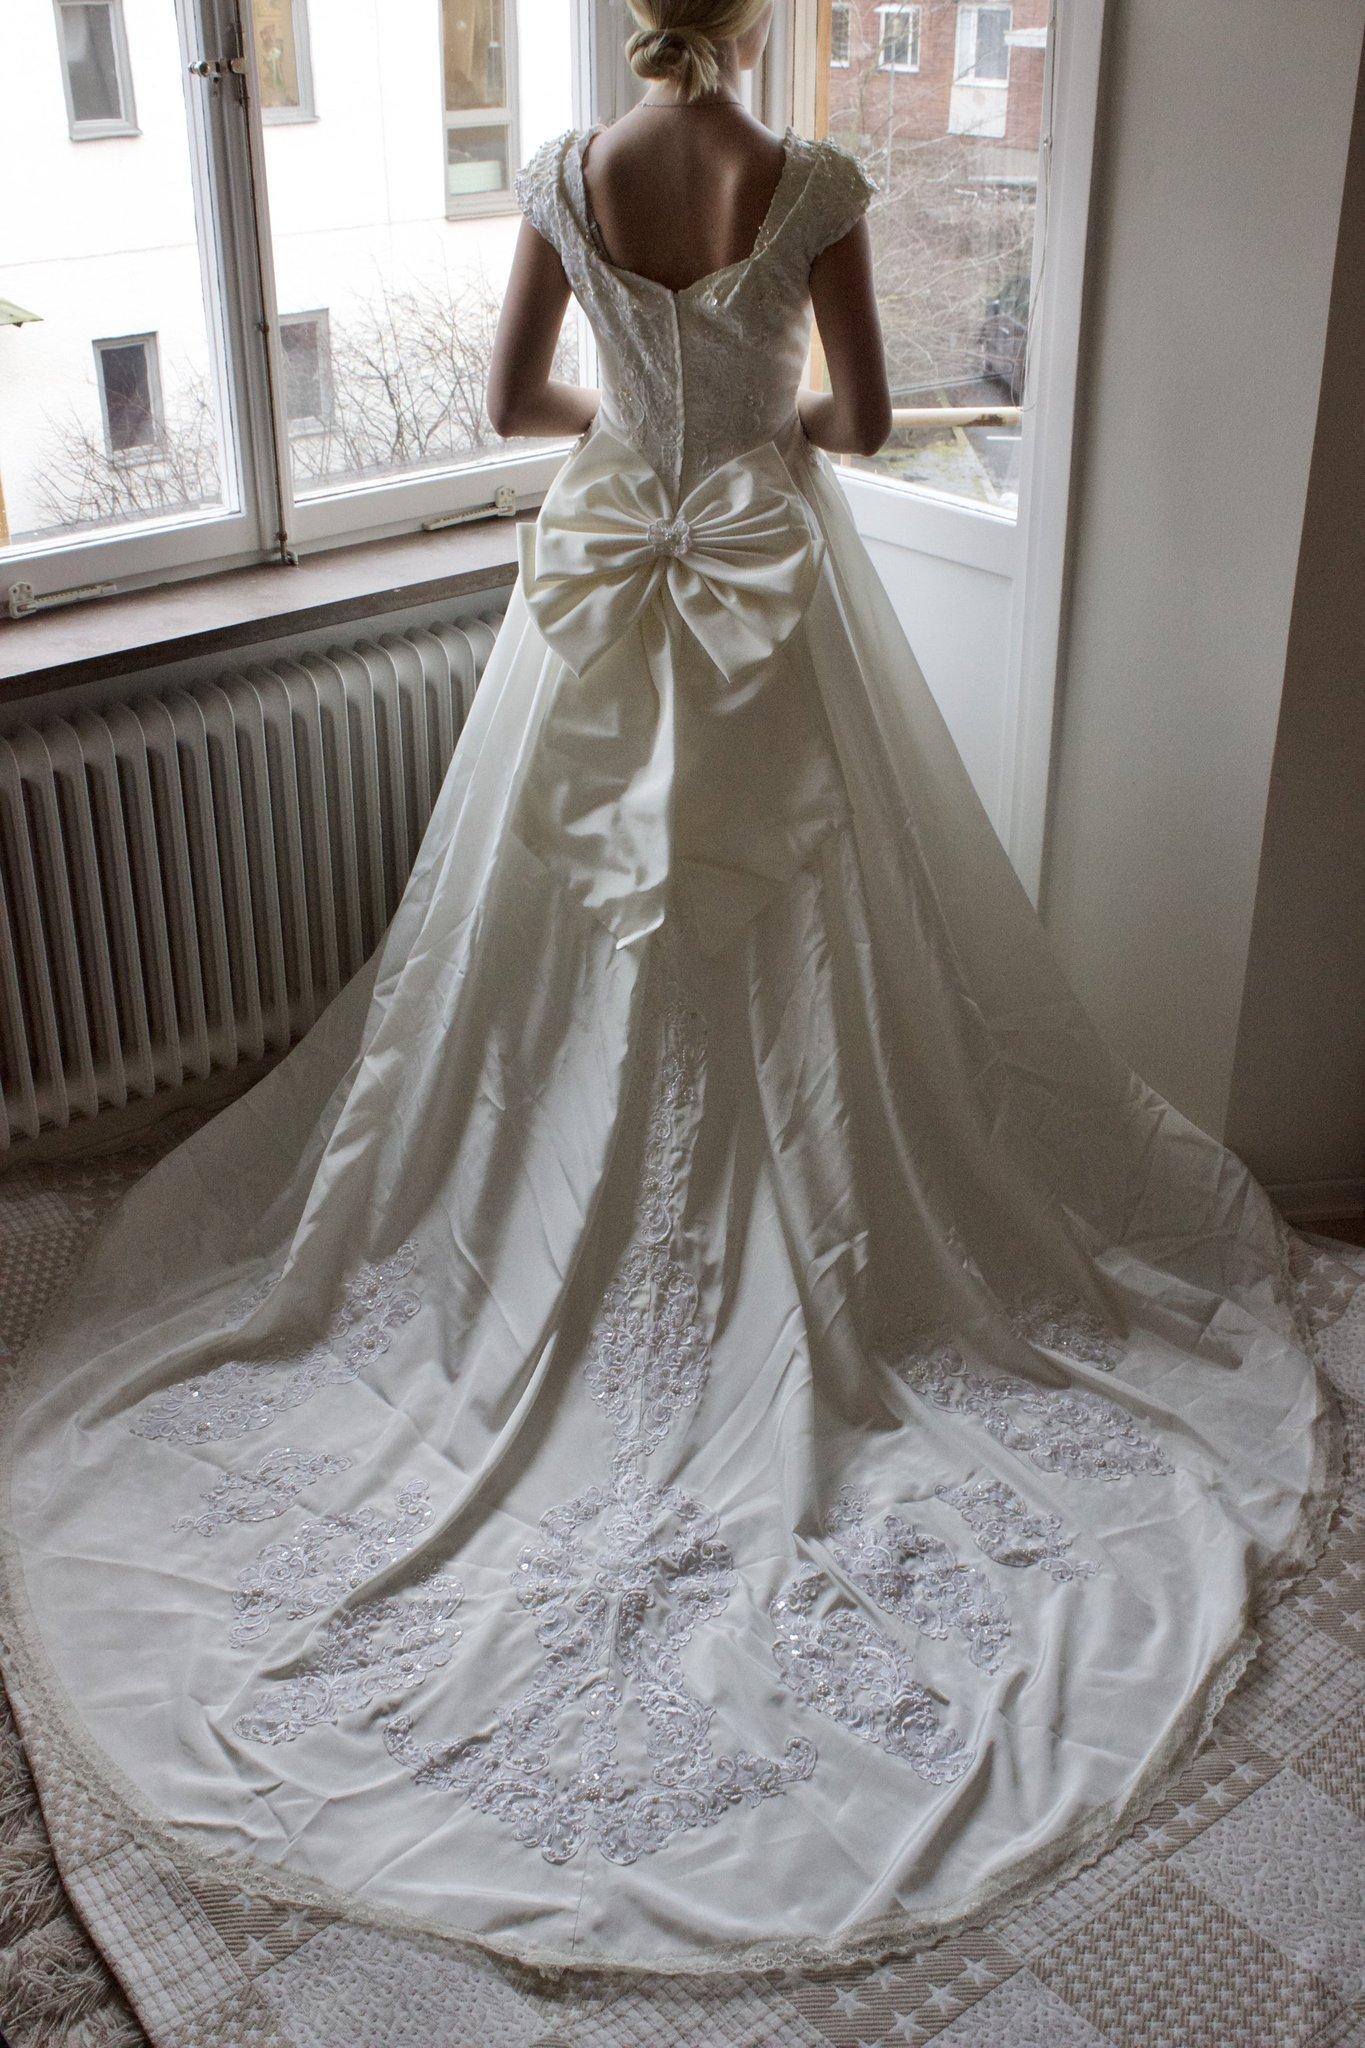 93c0bea3a97b Vintage brudklänning stl 36-38 (349543698) ᐈ Köp på Tradera